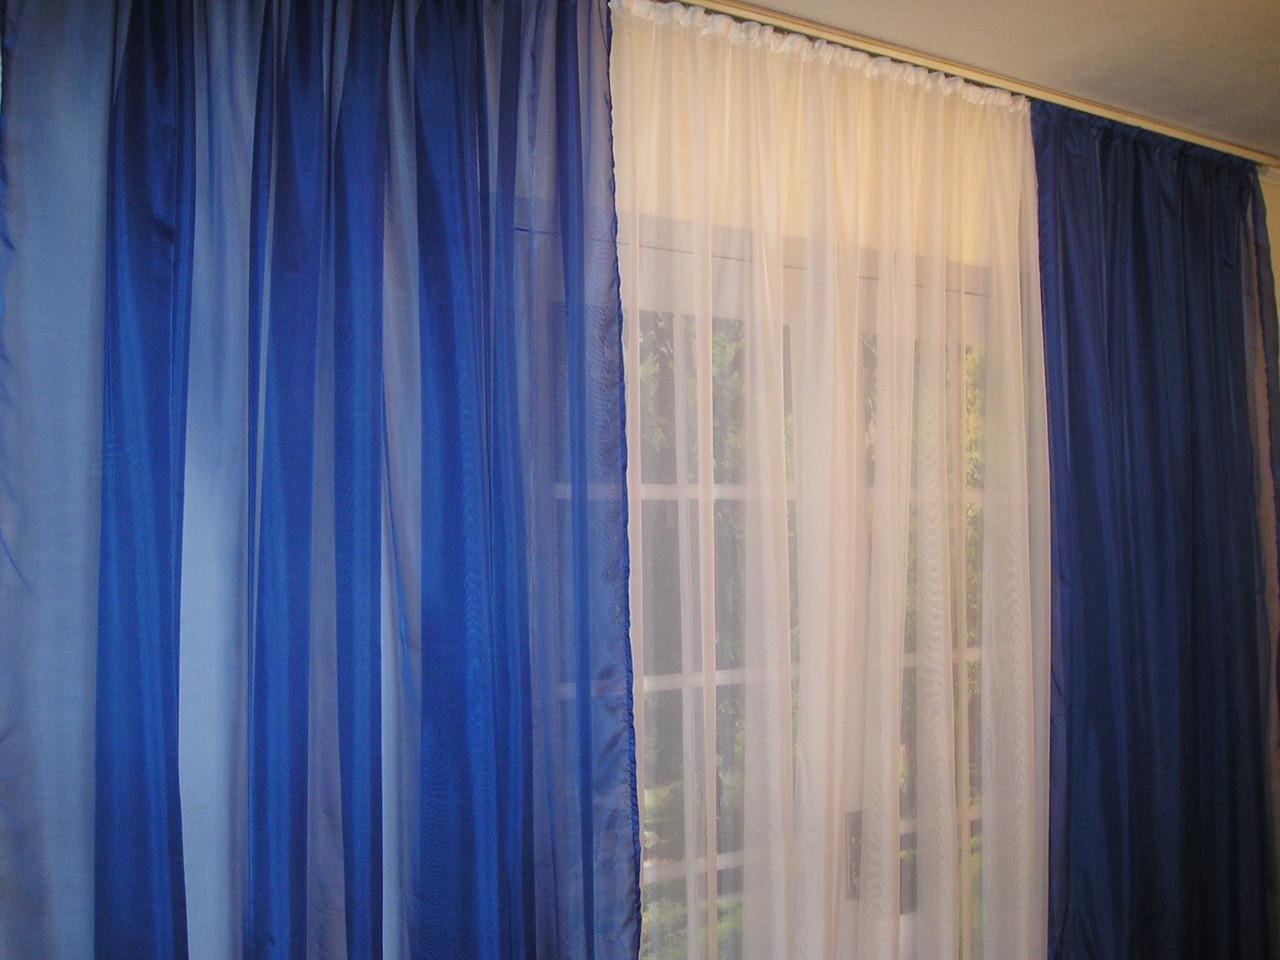 Готовые декоративные шторы из вуали 2шт.